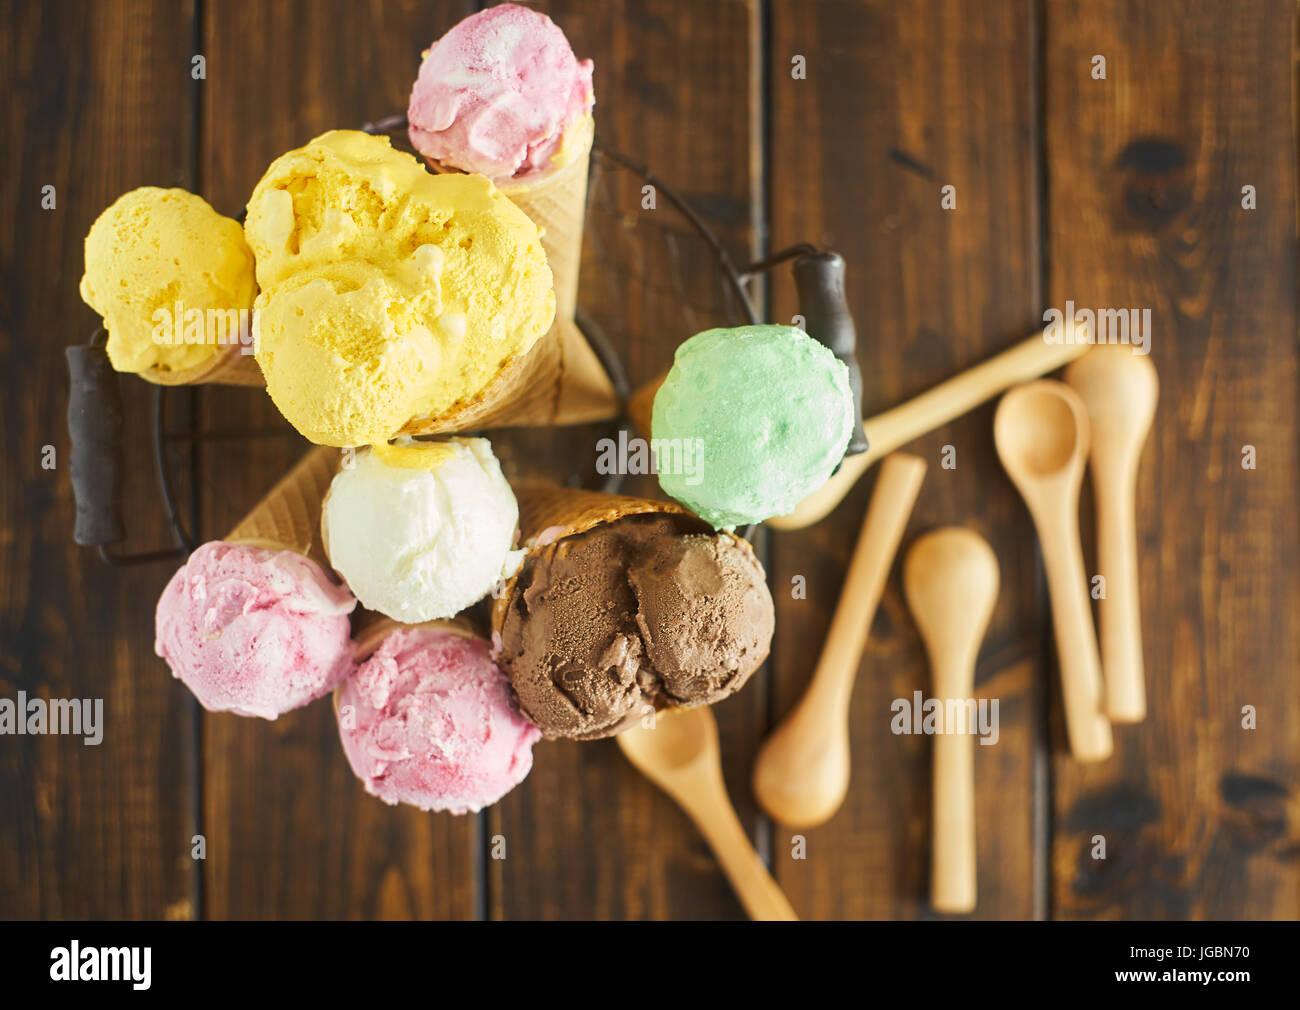 Vue de dessus de cornets à crème glacée Photo Stock